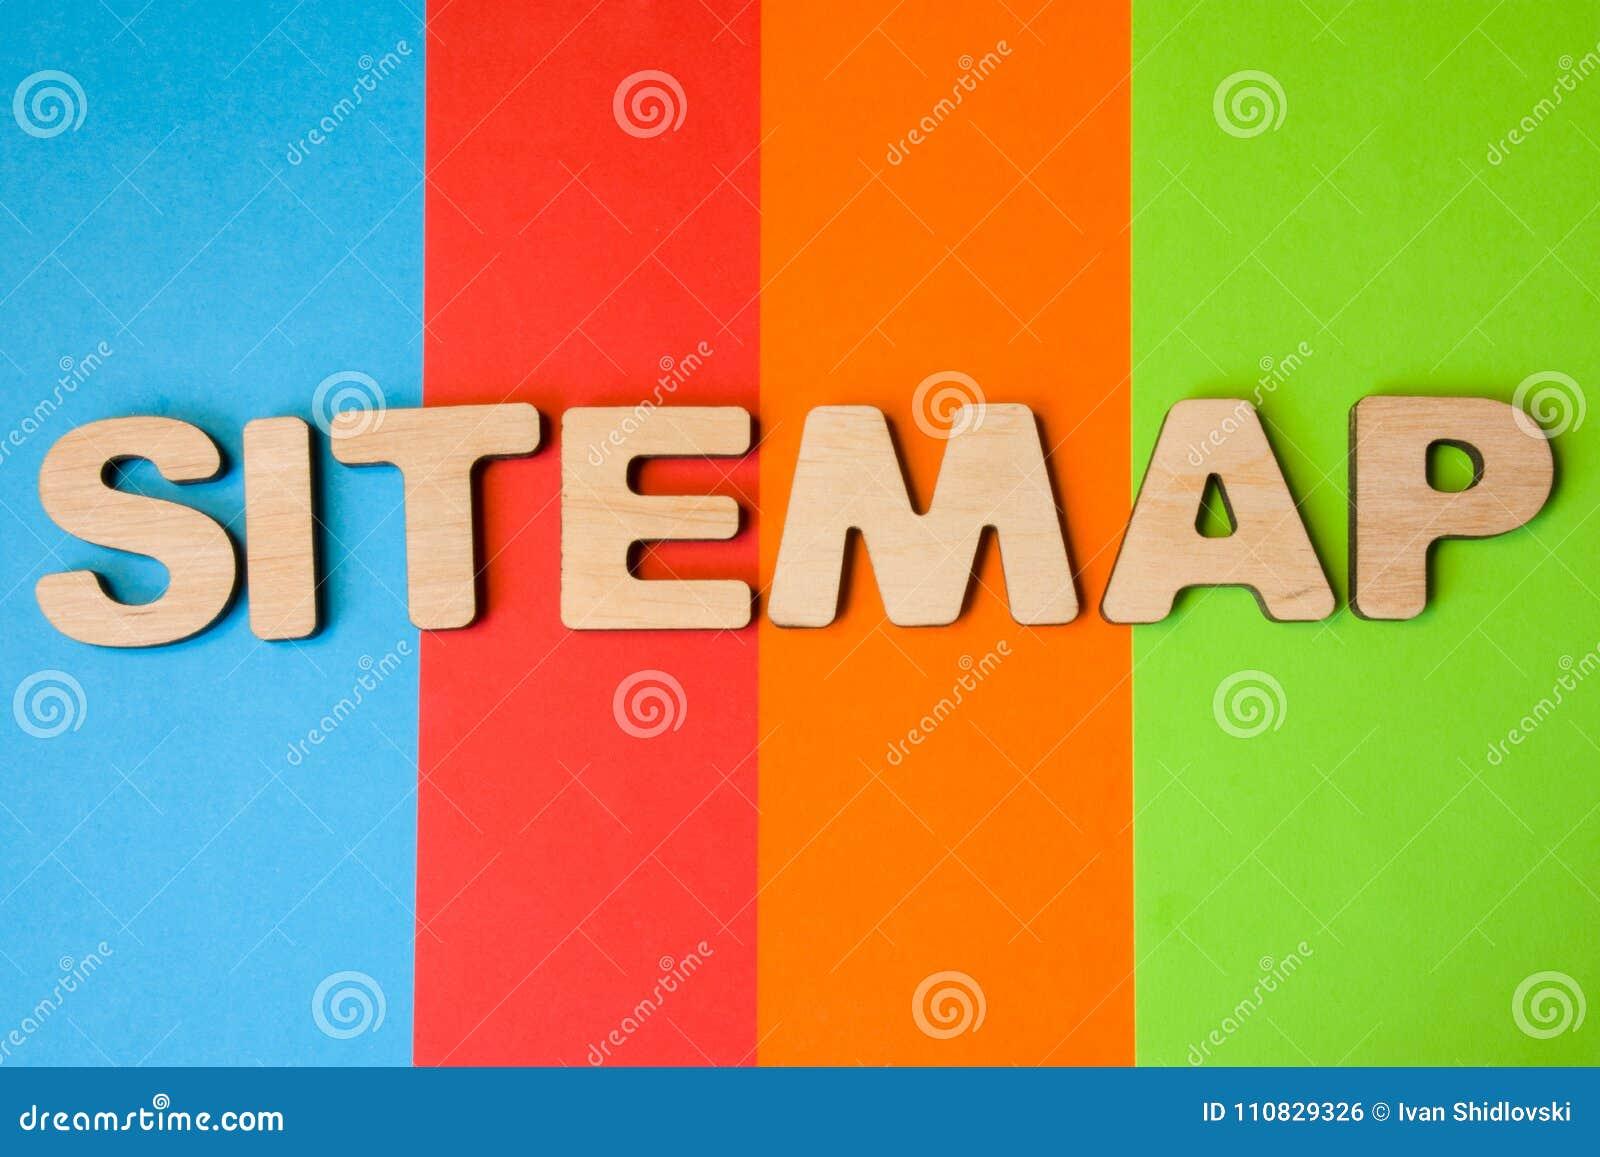 Fassen Sie Sitemap von großen hölzernen Buchstaben auf farbigem Hintergrund von 4 Farben ab: blau, orange, Rot und Grün Konzept s